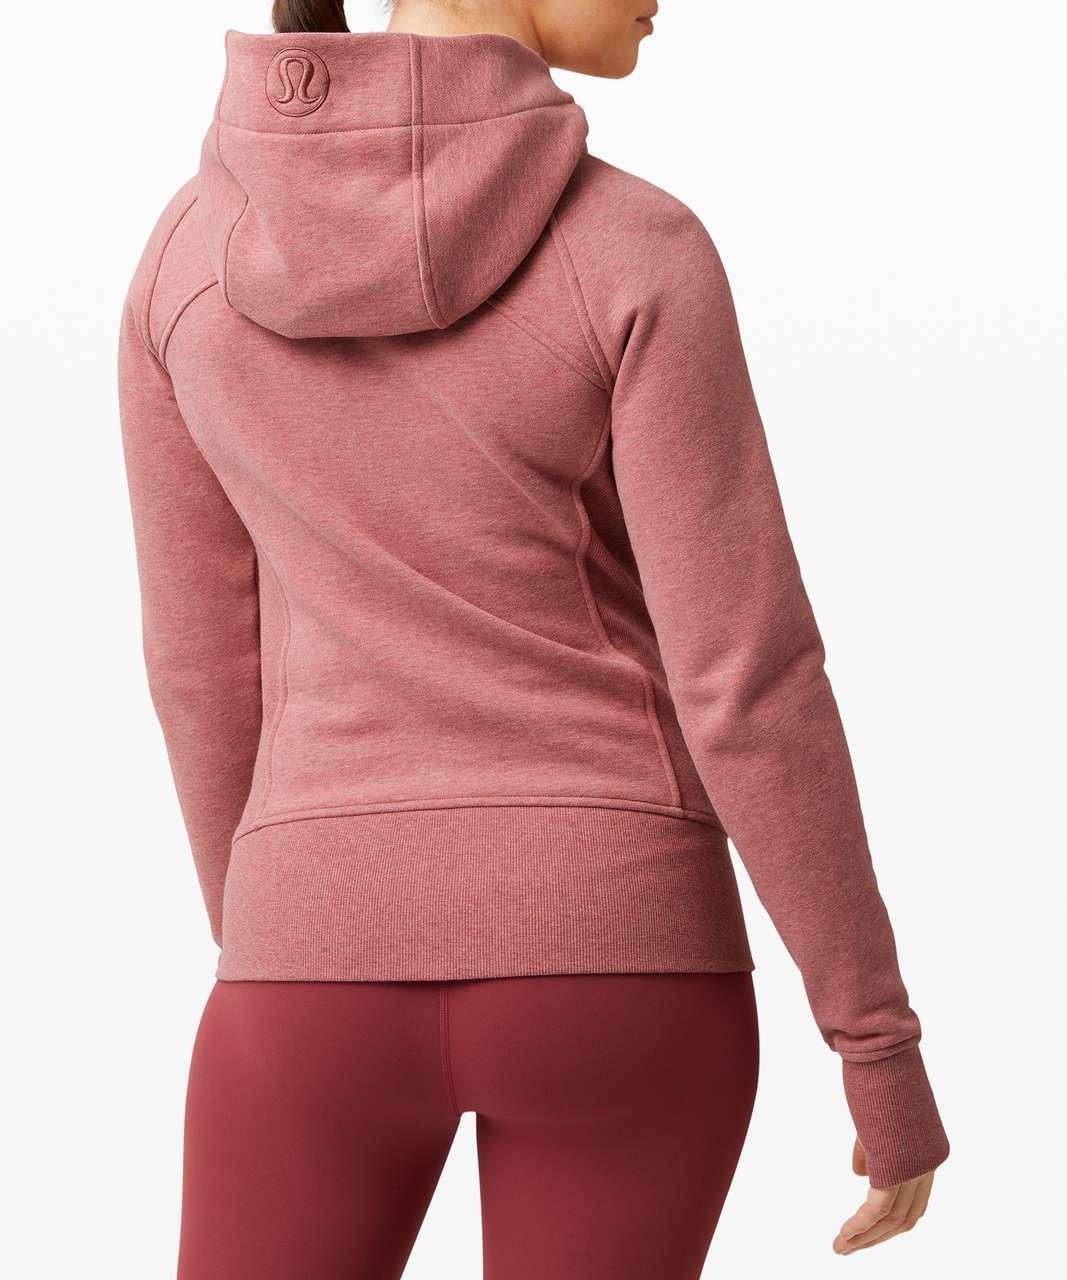 Lululemon Scuba Hoodie *Light Cotton Fleece - Heathered Cherry Tint